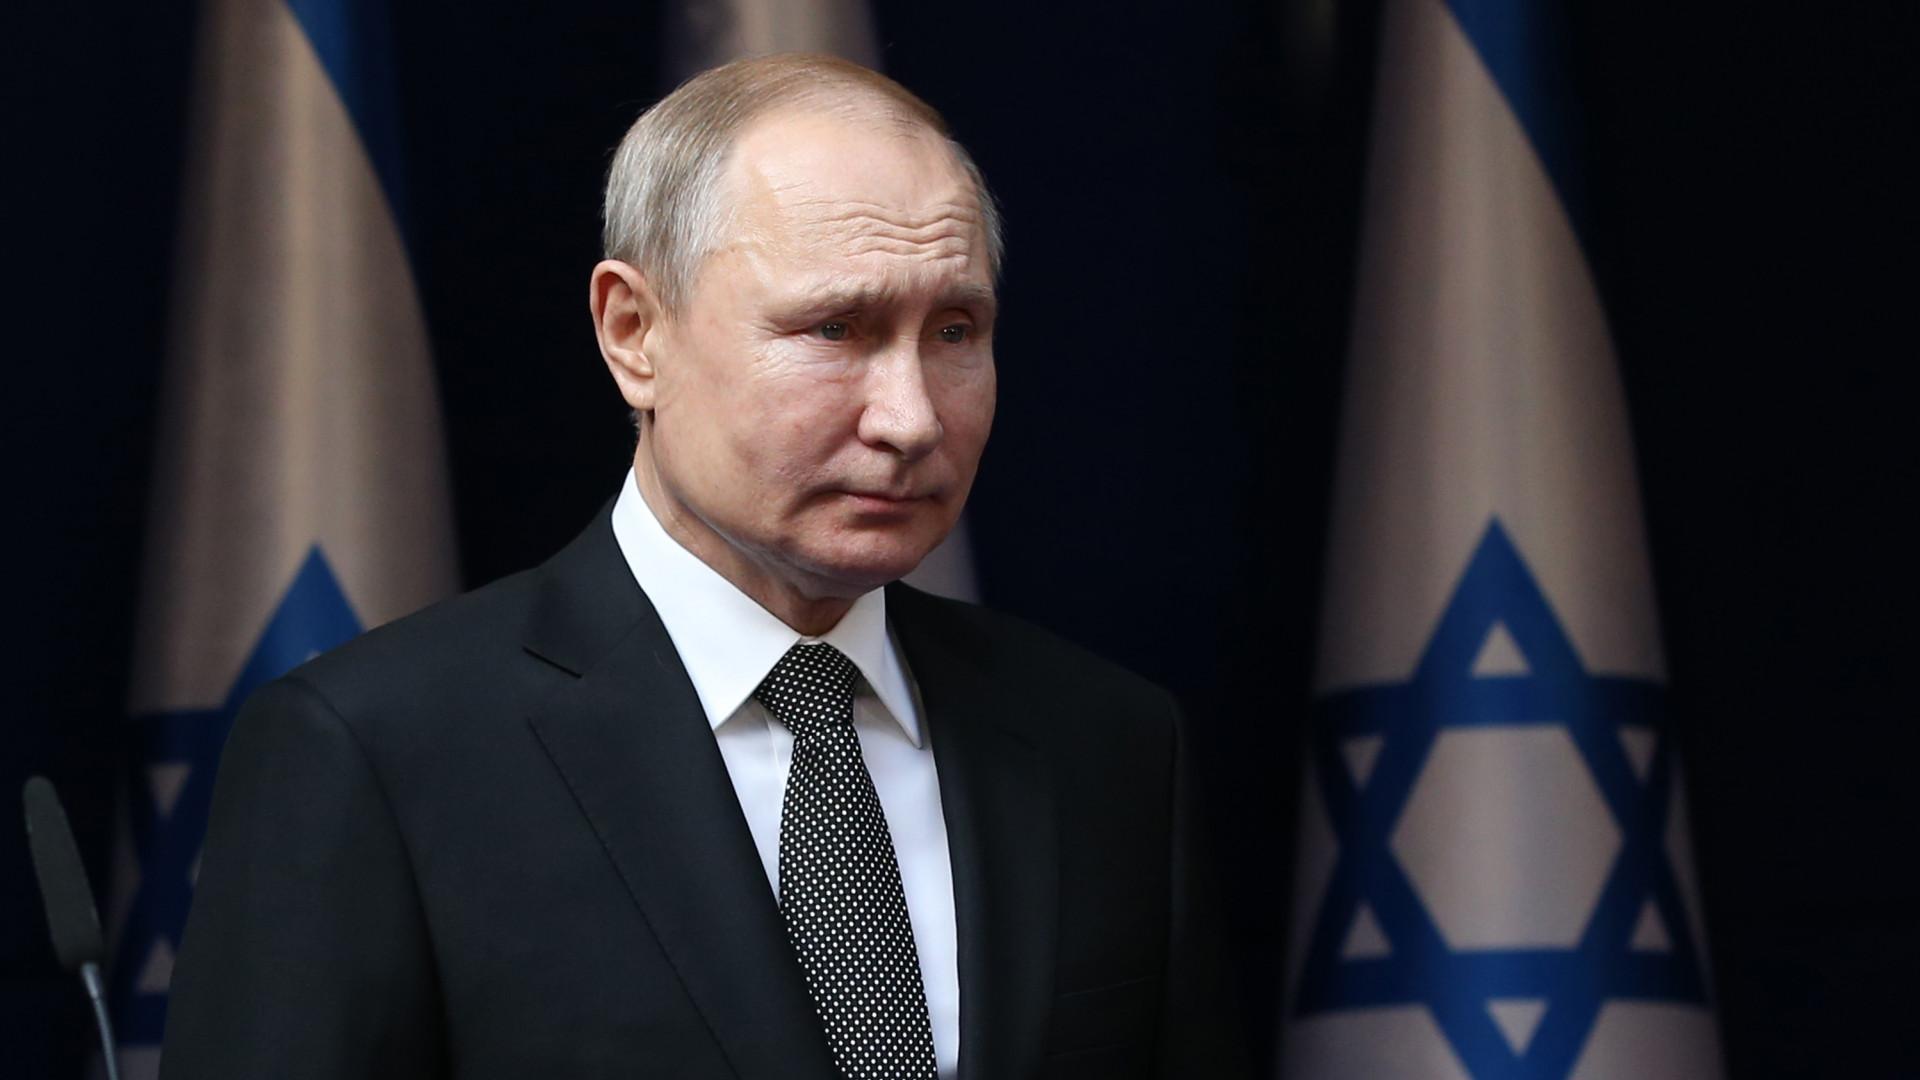 Vlagyimir Putyin Szocsiba hívta az izraeli miniszterelnököt